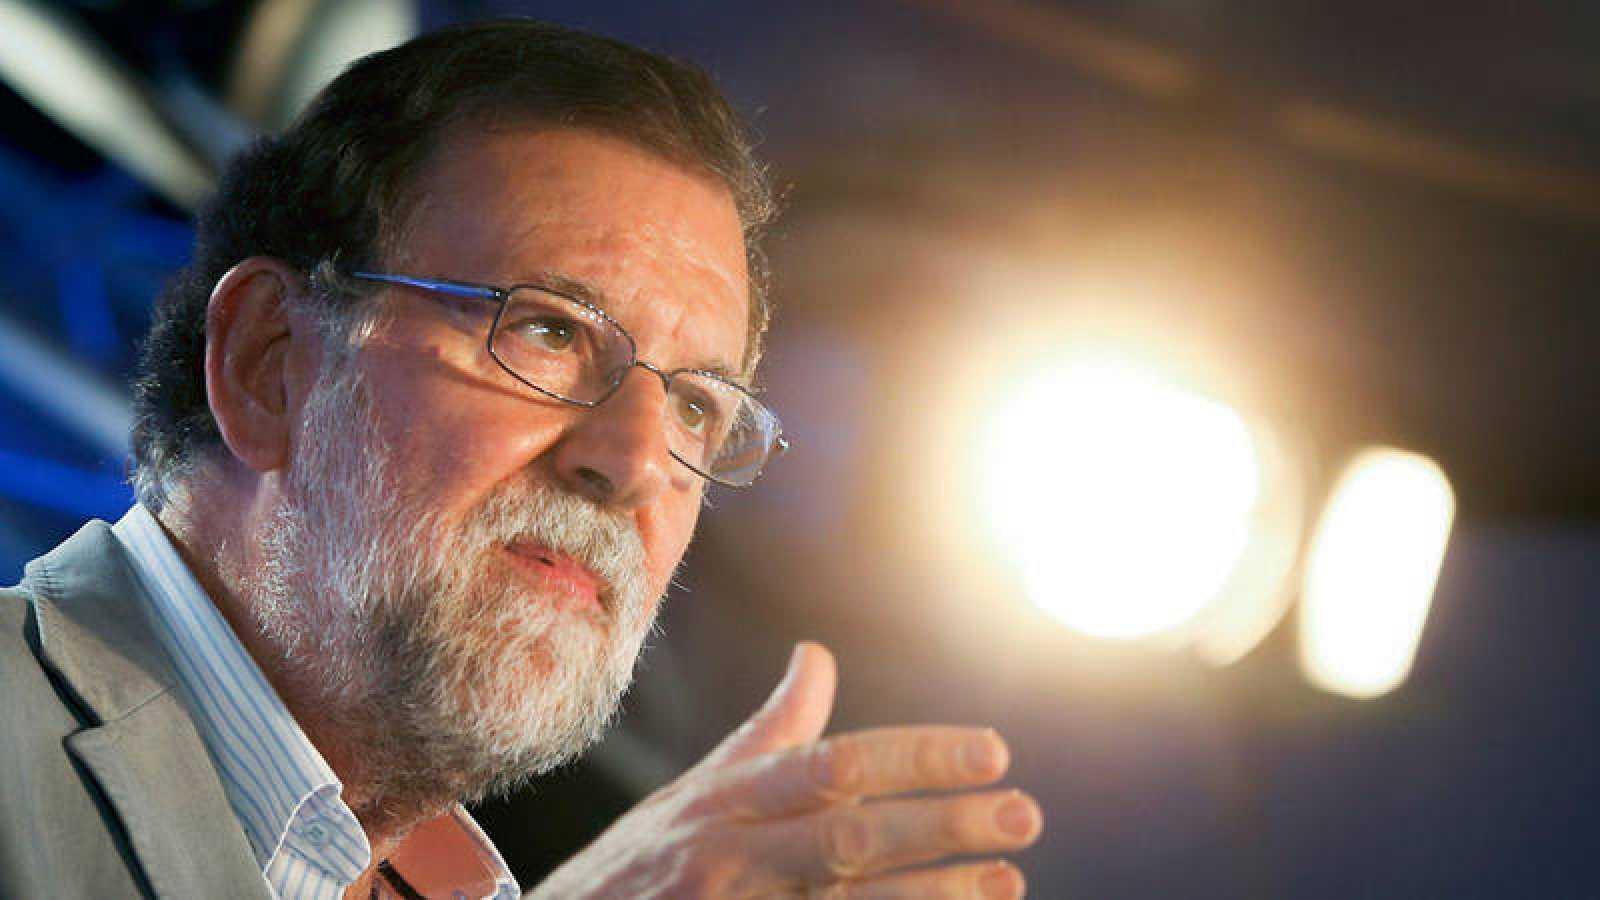 El presidente del Gobierno, Mariano Rajoy, en una imagen de archivo